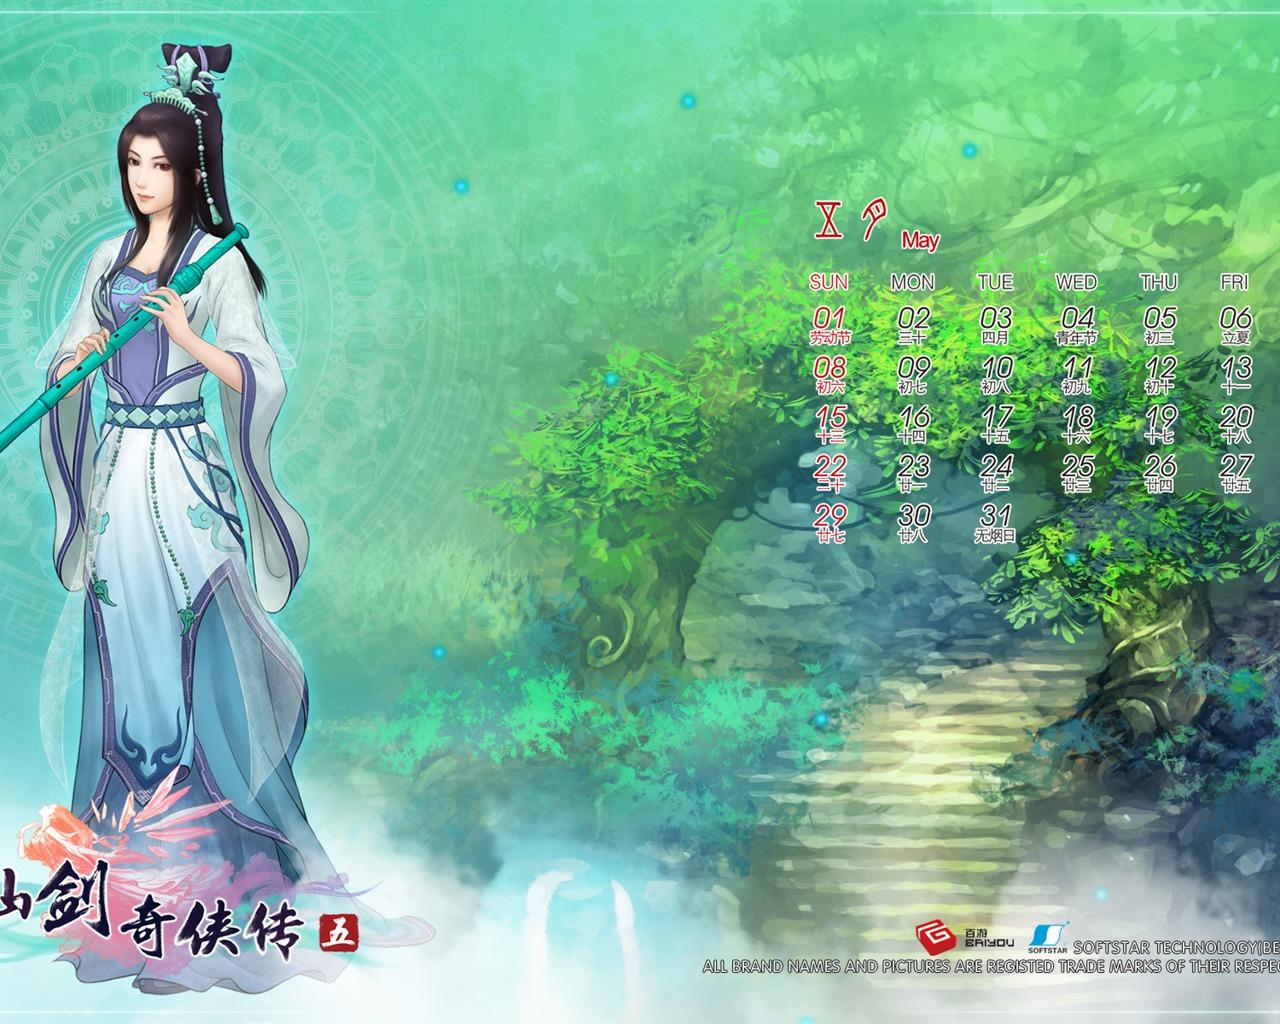 仙剑奇侠传5 壁纸专辑9 - 1280x1024 壁纸下载 - 仙剑